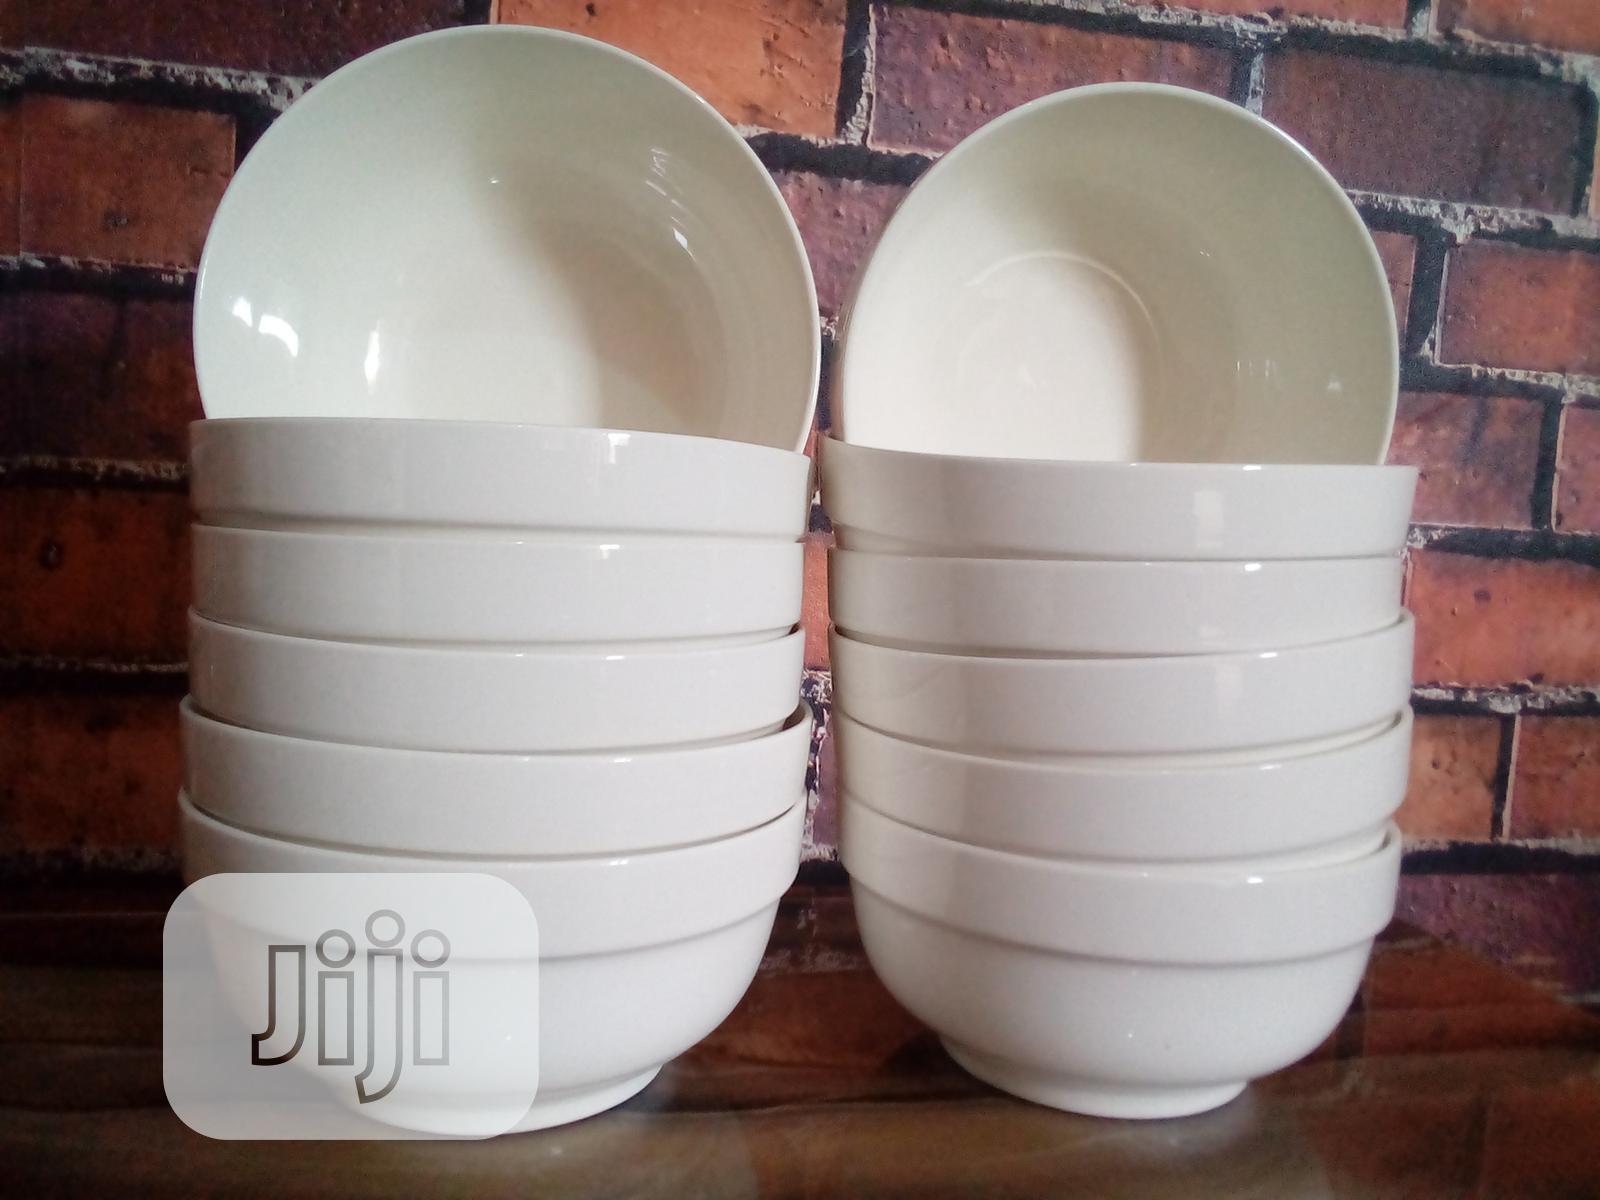 12pcs Porcelain Ceramic Soup Bowls